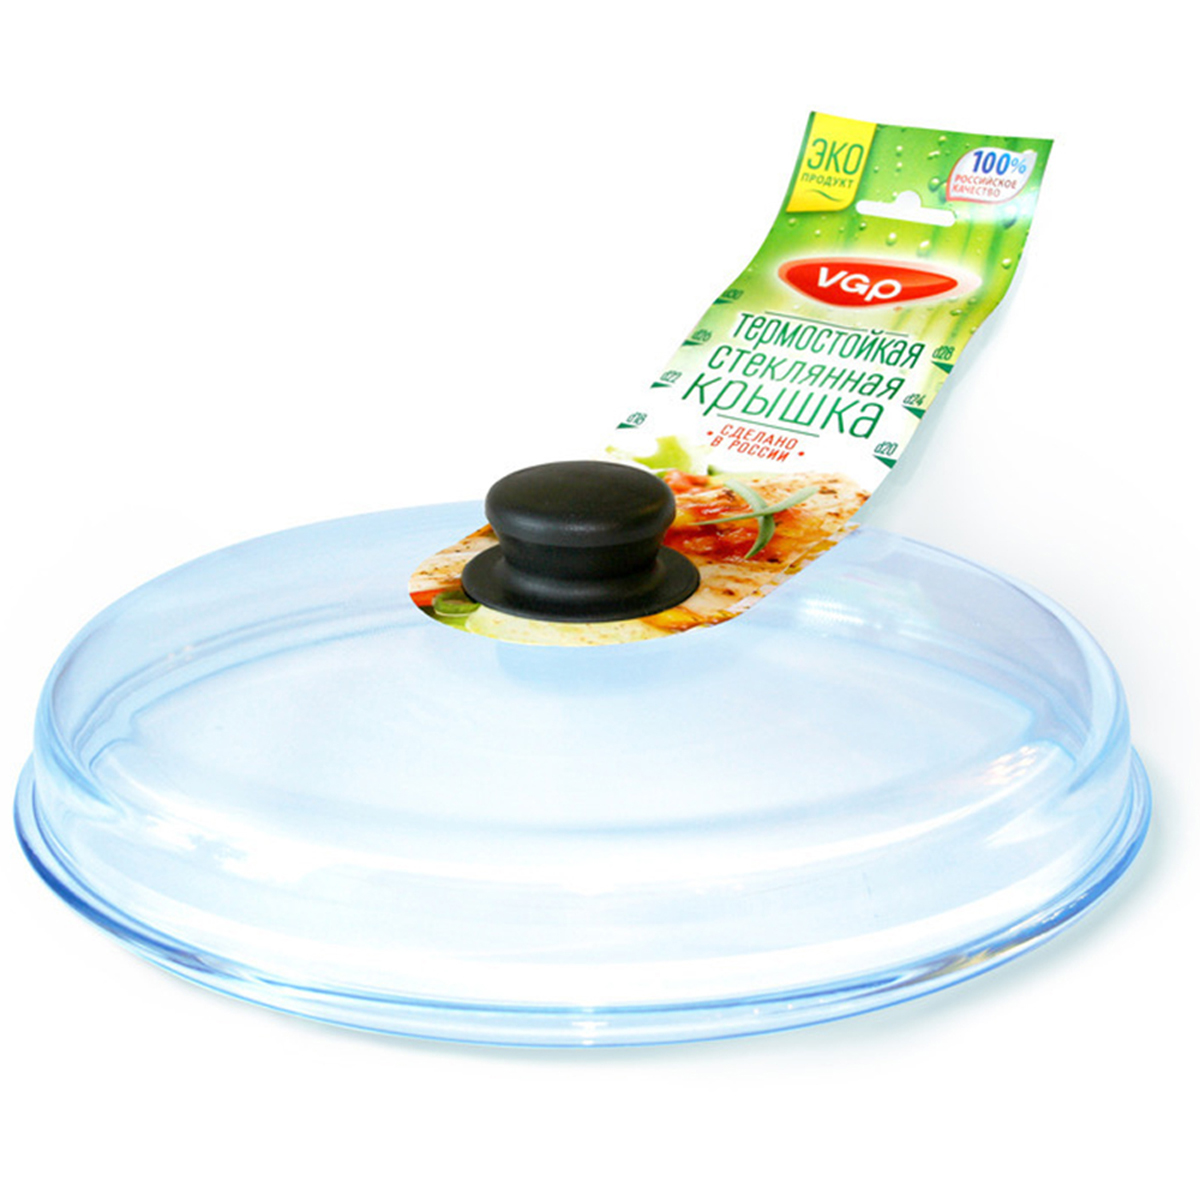 Крышка VGP, прессованная, высокая, диаметр 26 см0726Высокая прессованная крышка диаметром 26 см станет незаменимым аксессуаром для приготовления пищи на любой кухне. Она изготовлена из высококачественного жаропрочного стекла, а также оснащена бакелитовой ручкой, обеспечивающей не только комфорт, но и безопасное использование. Кроме того, данная модель подходит для мытья в посудомоечной машине. Крышка совместима с посудой диаметром 26 см.